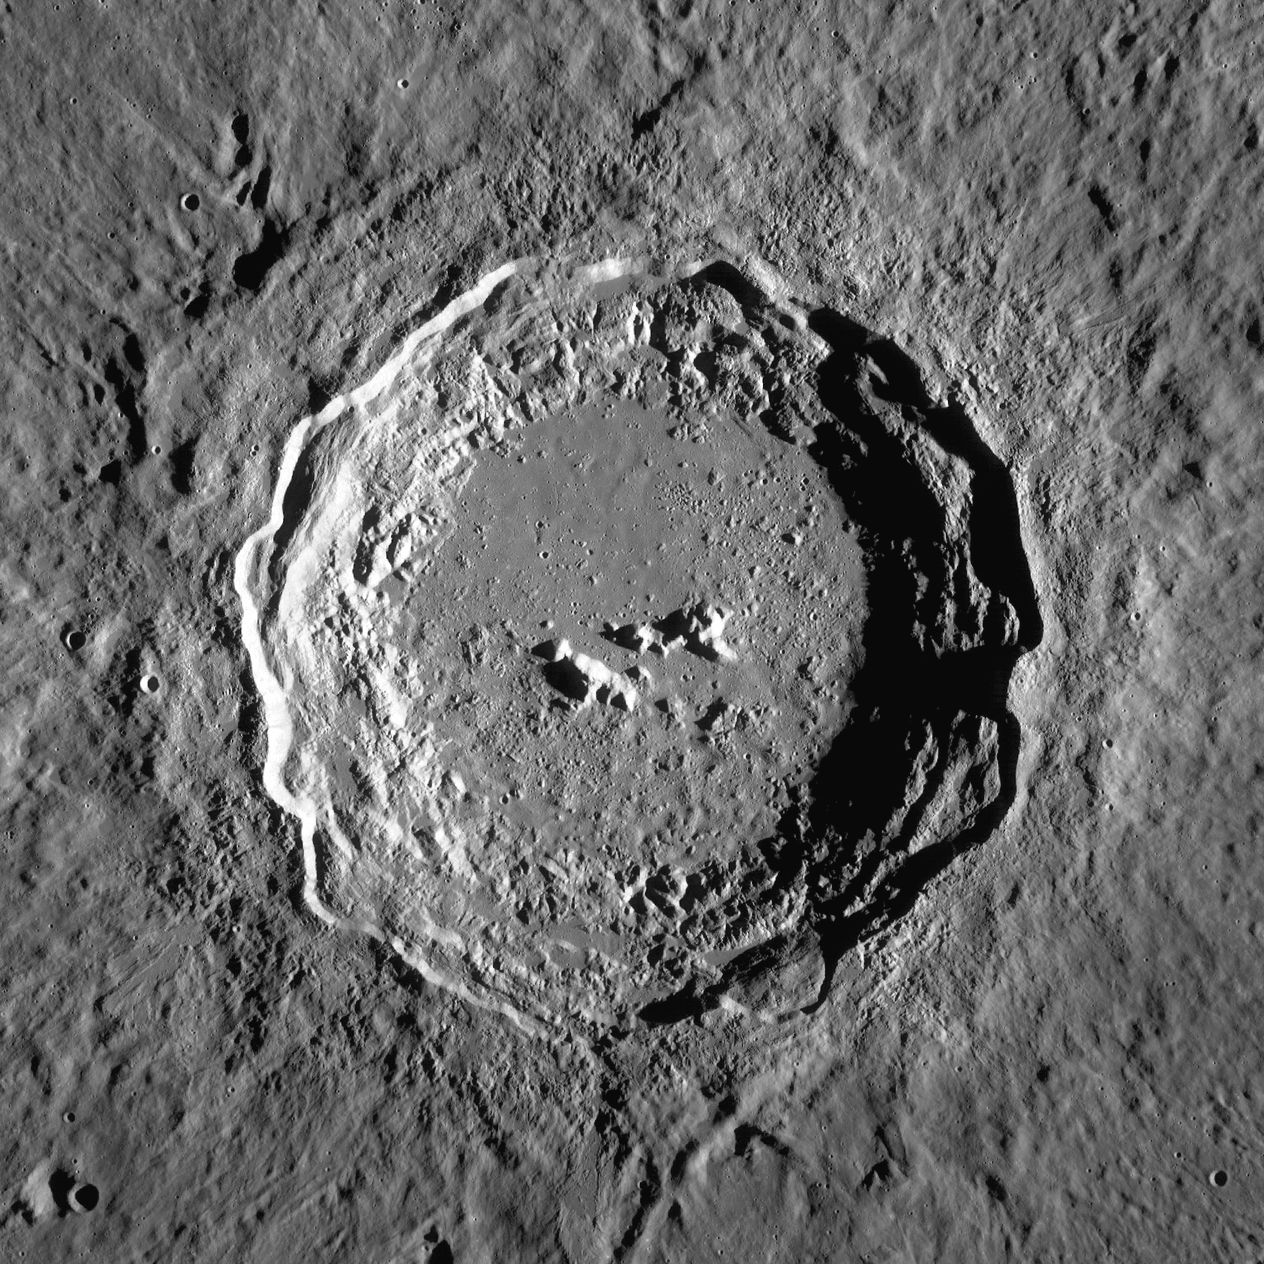 06 - copernicus crater